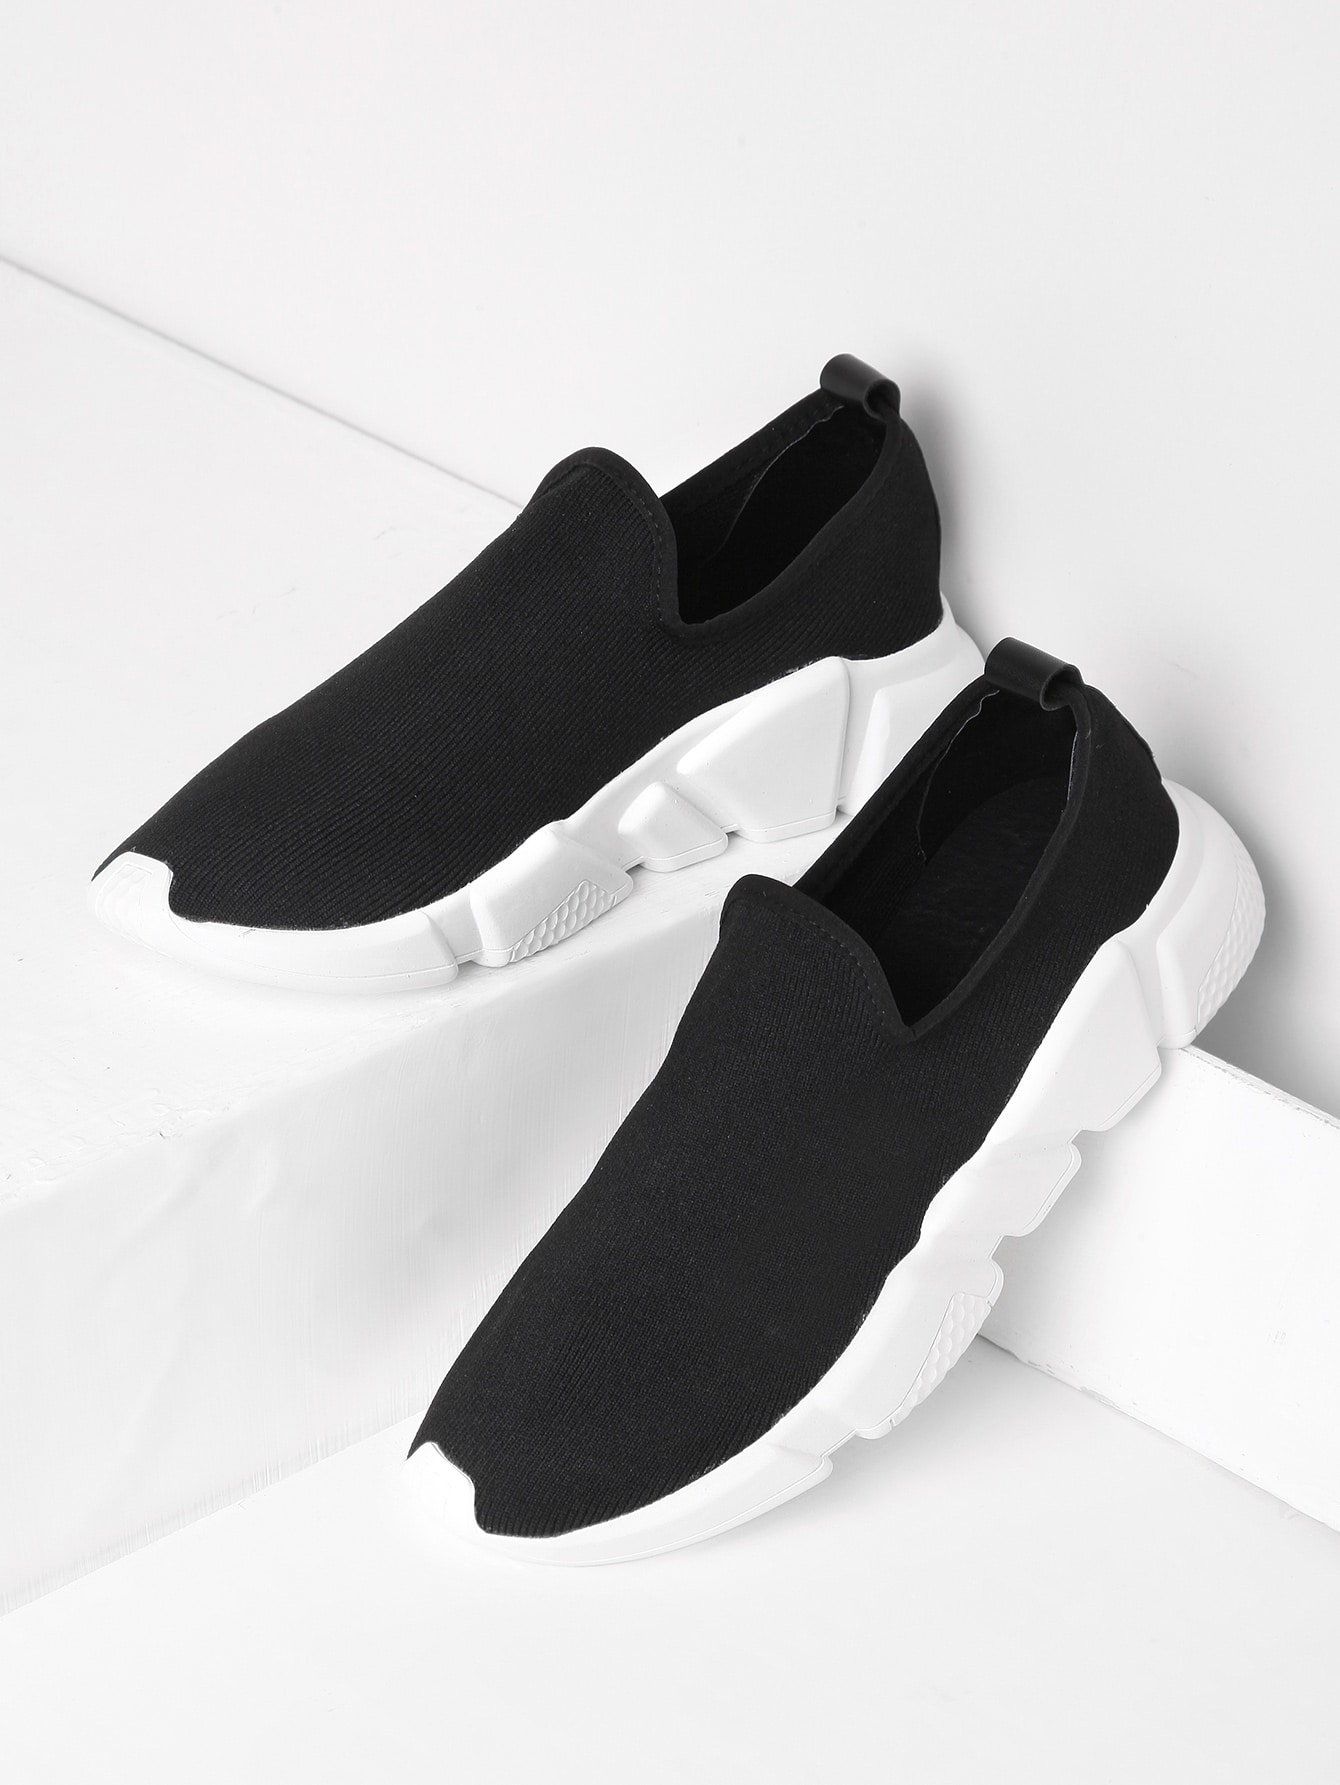 shoes170417811_2